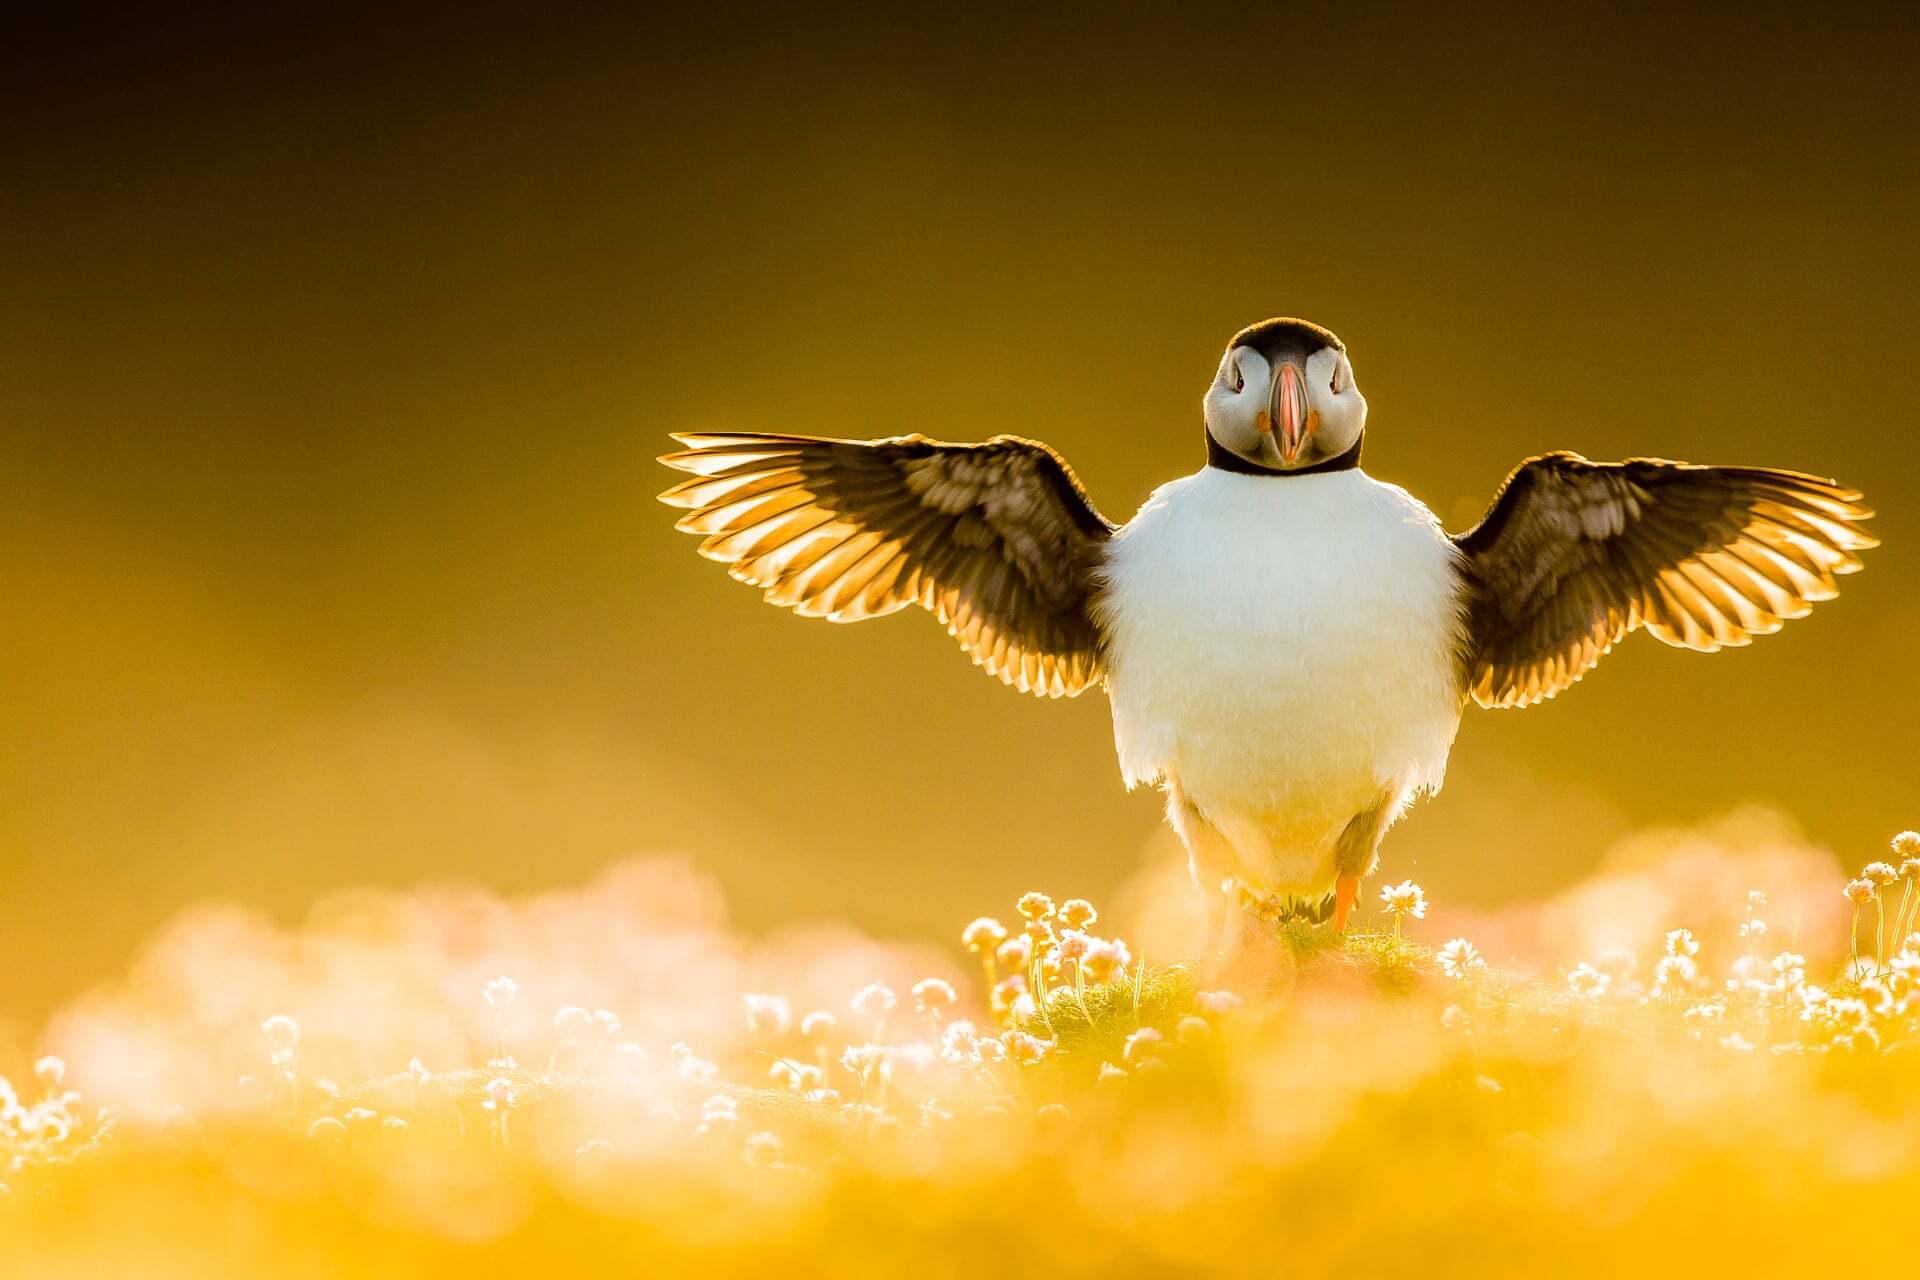 צילום: Kevin Morgans /2021 bird photographer of the year